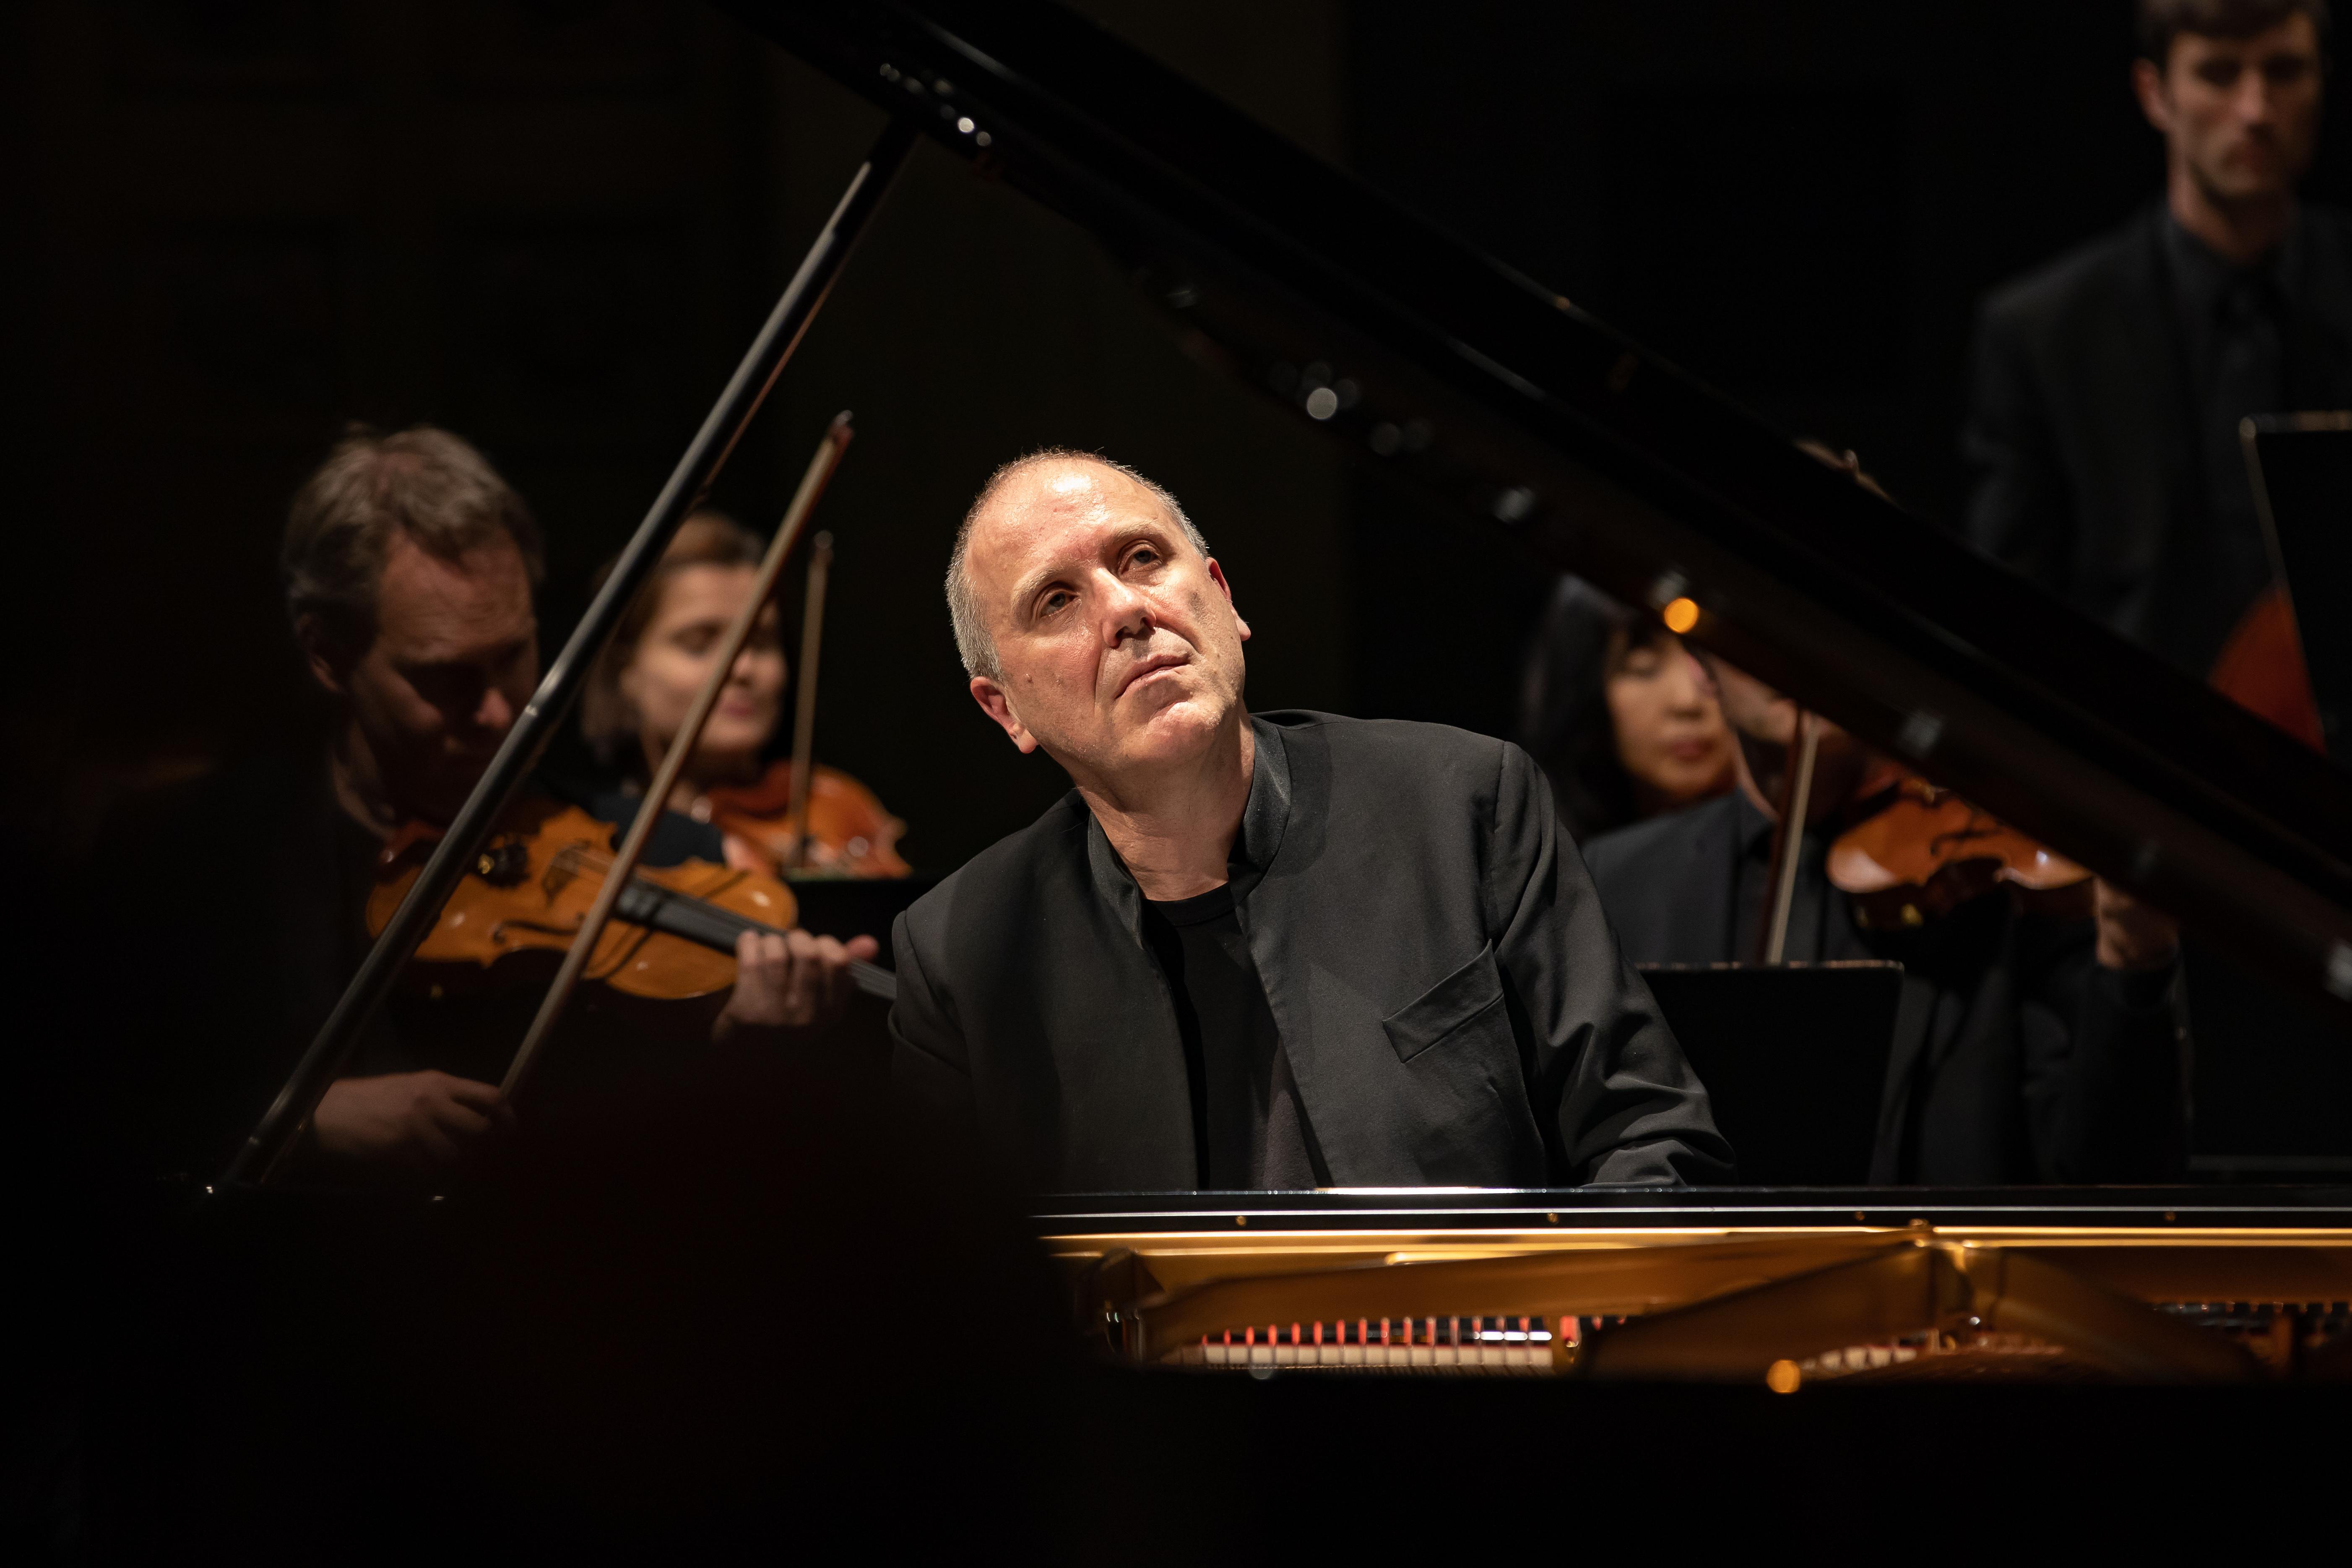 Alexander Lonquich (c) Florian Ganslmeier